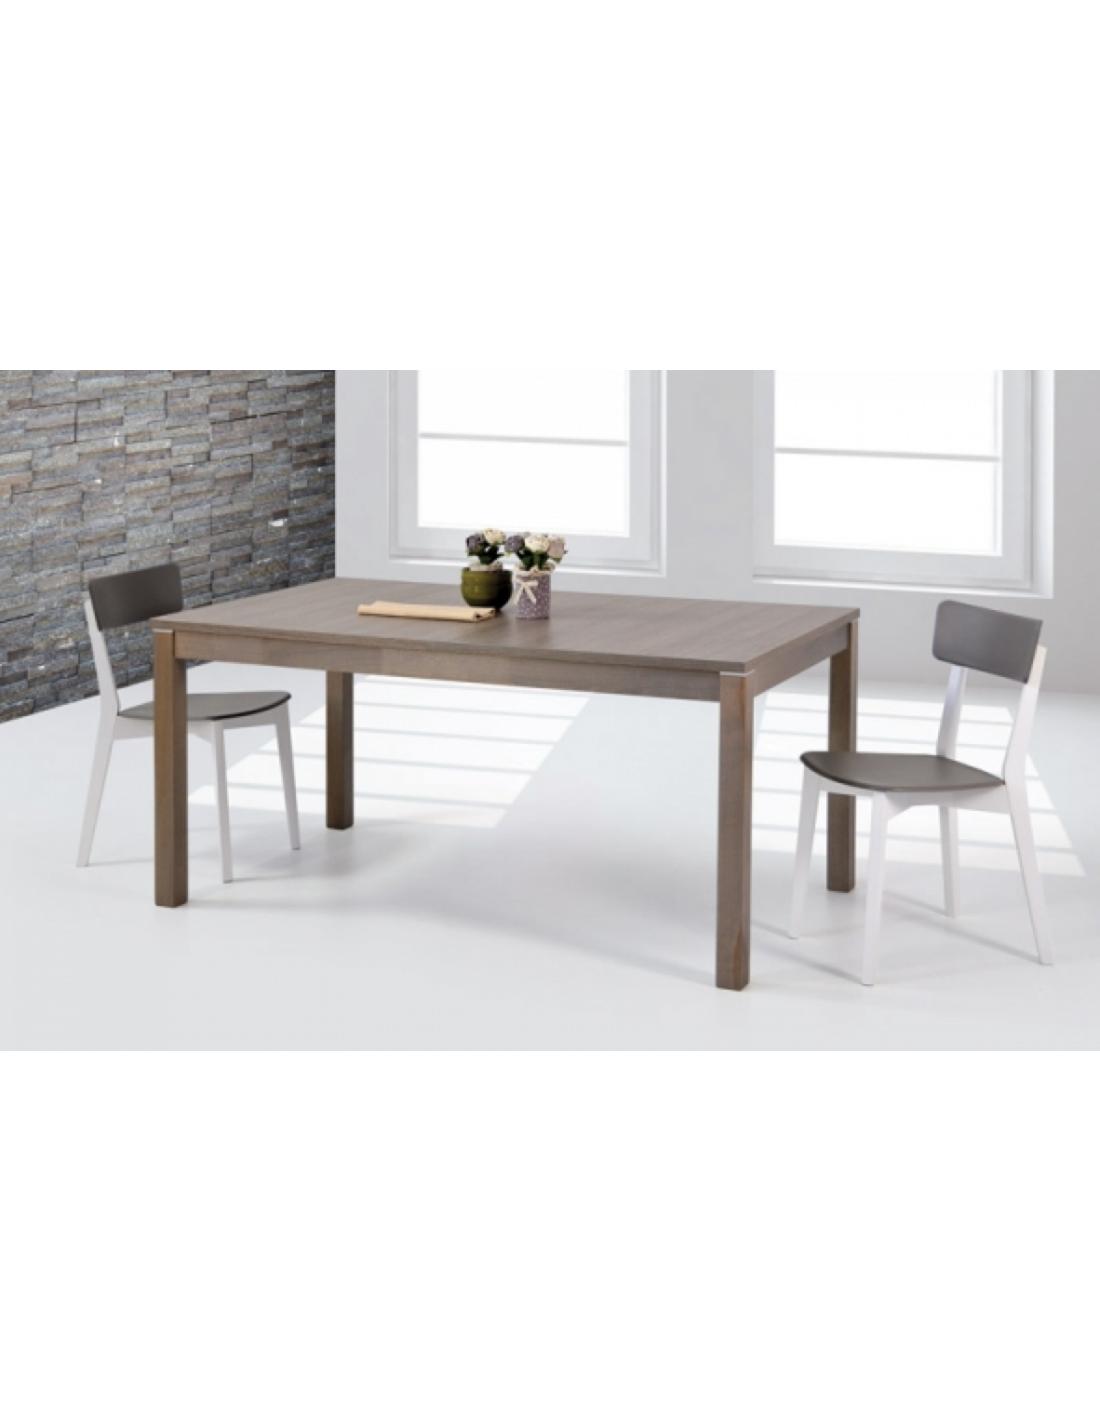 Tavolo in legno massello allungabile rettangolare art 2292 - Tavolo quadrato allungabile legno massello ...